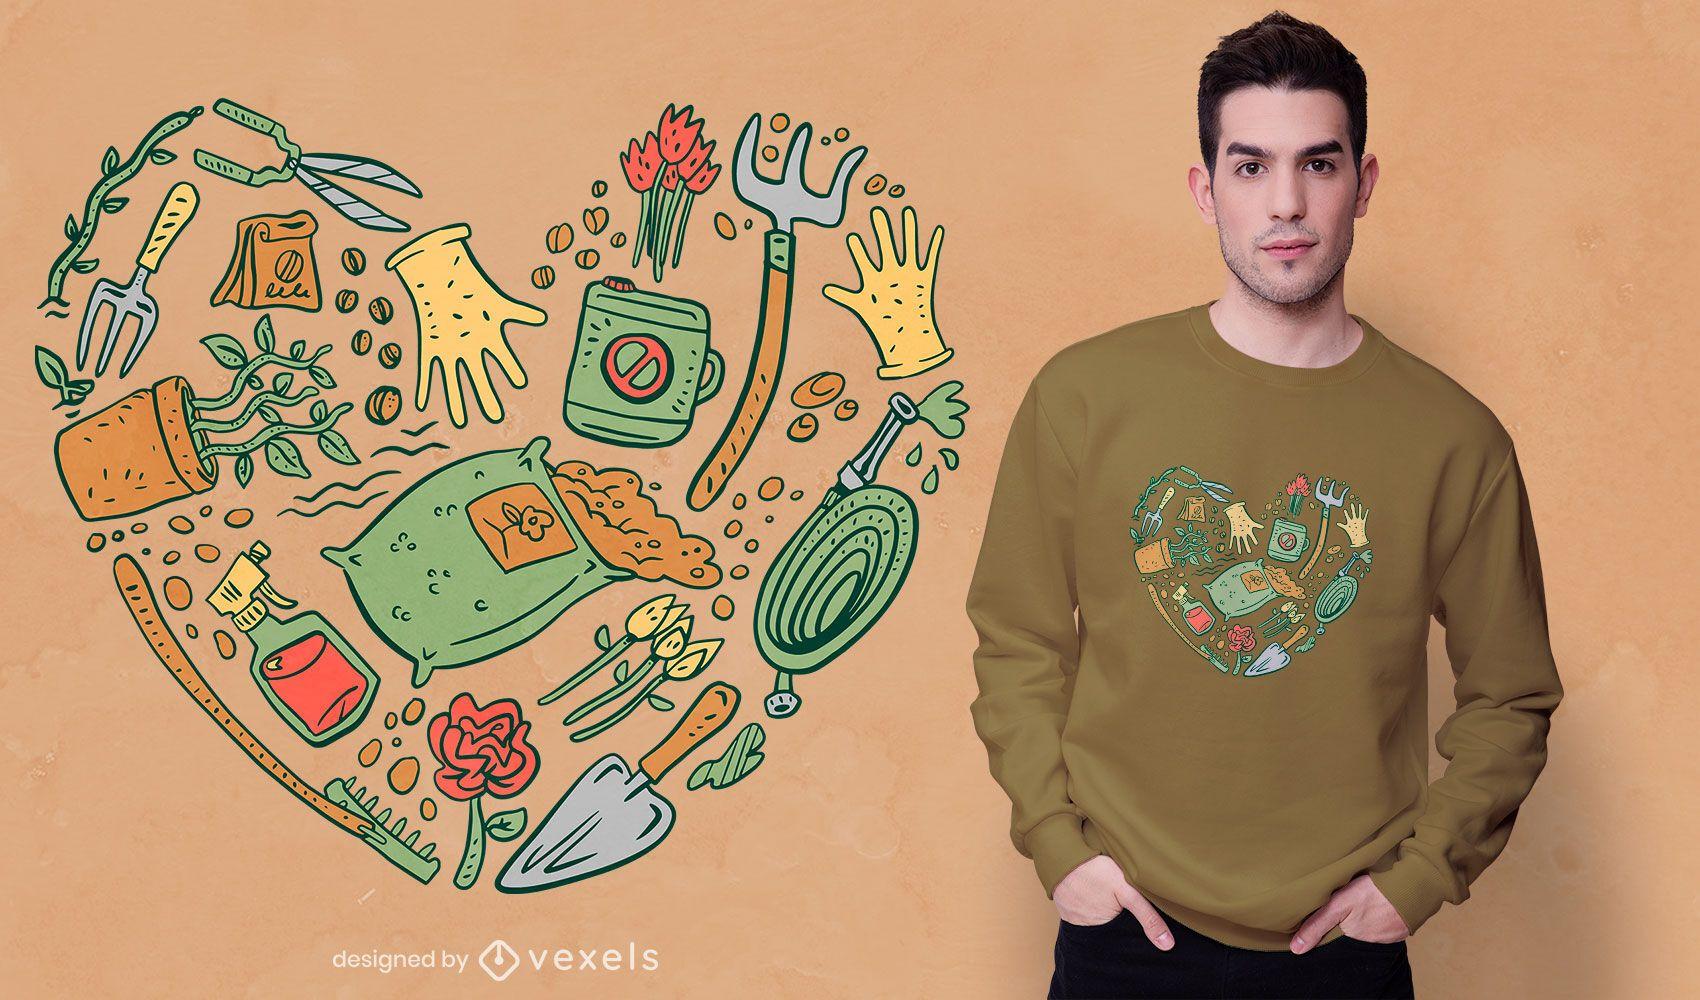 Garden tools heart t-shirt design